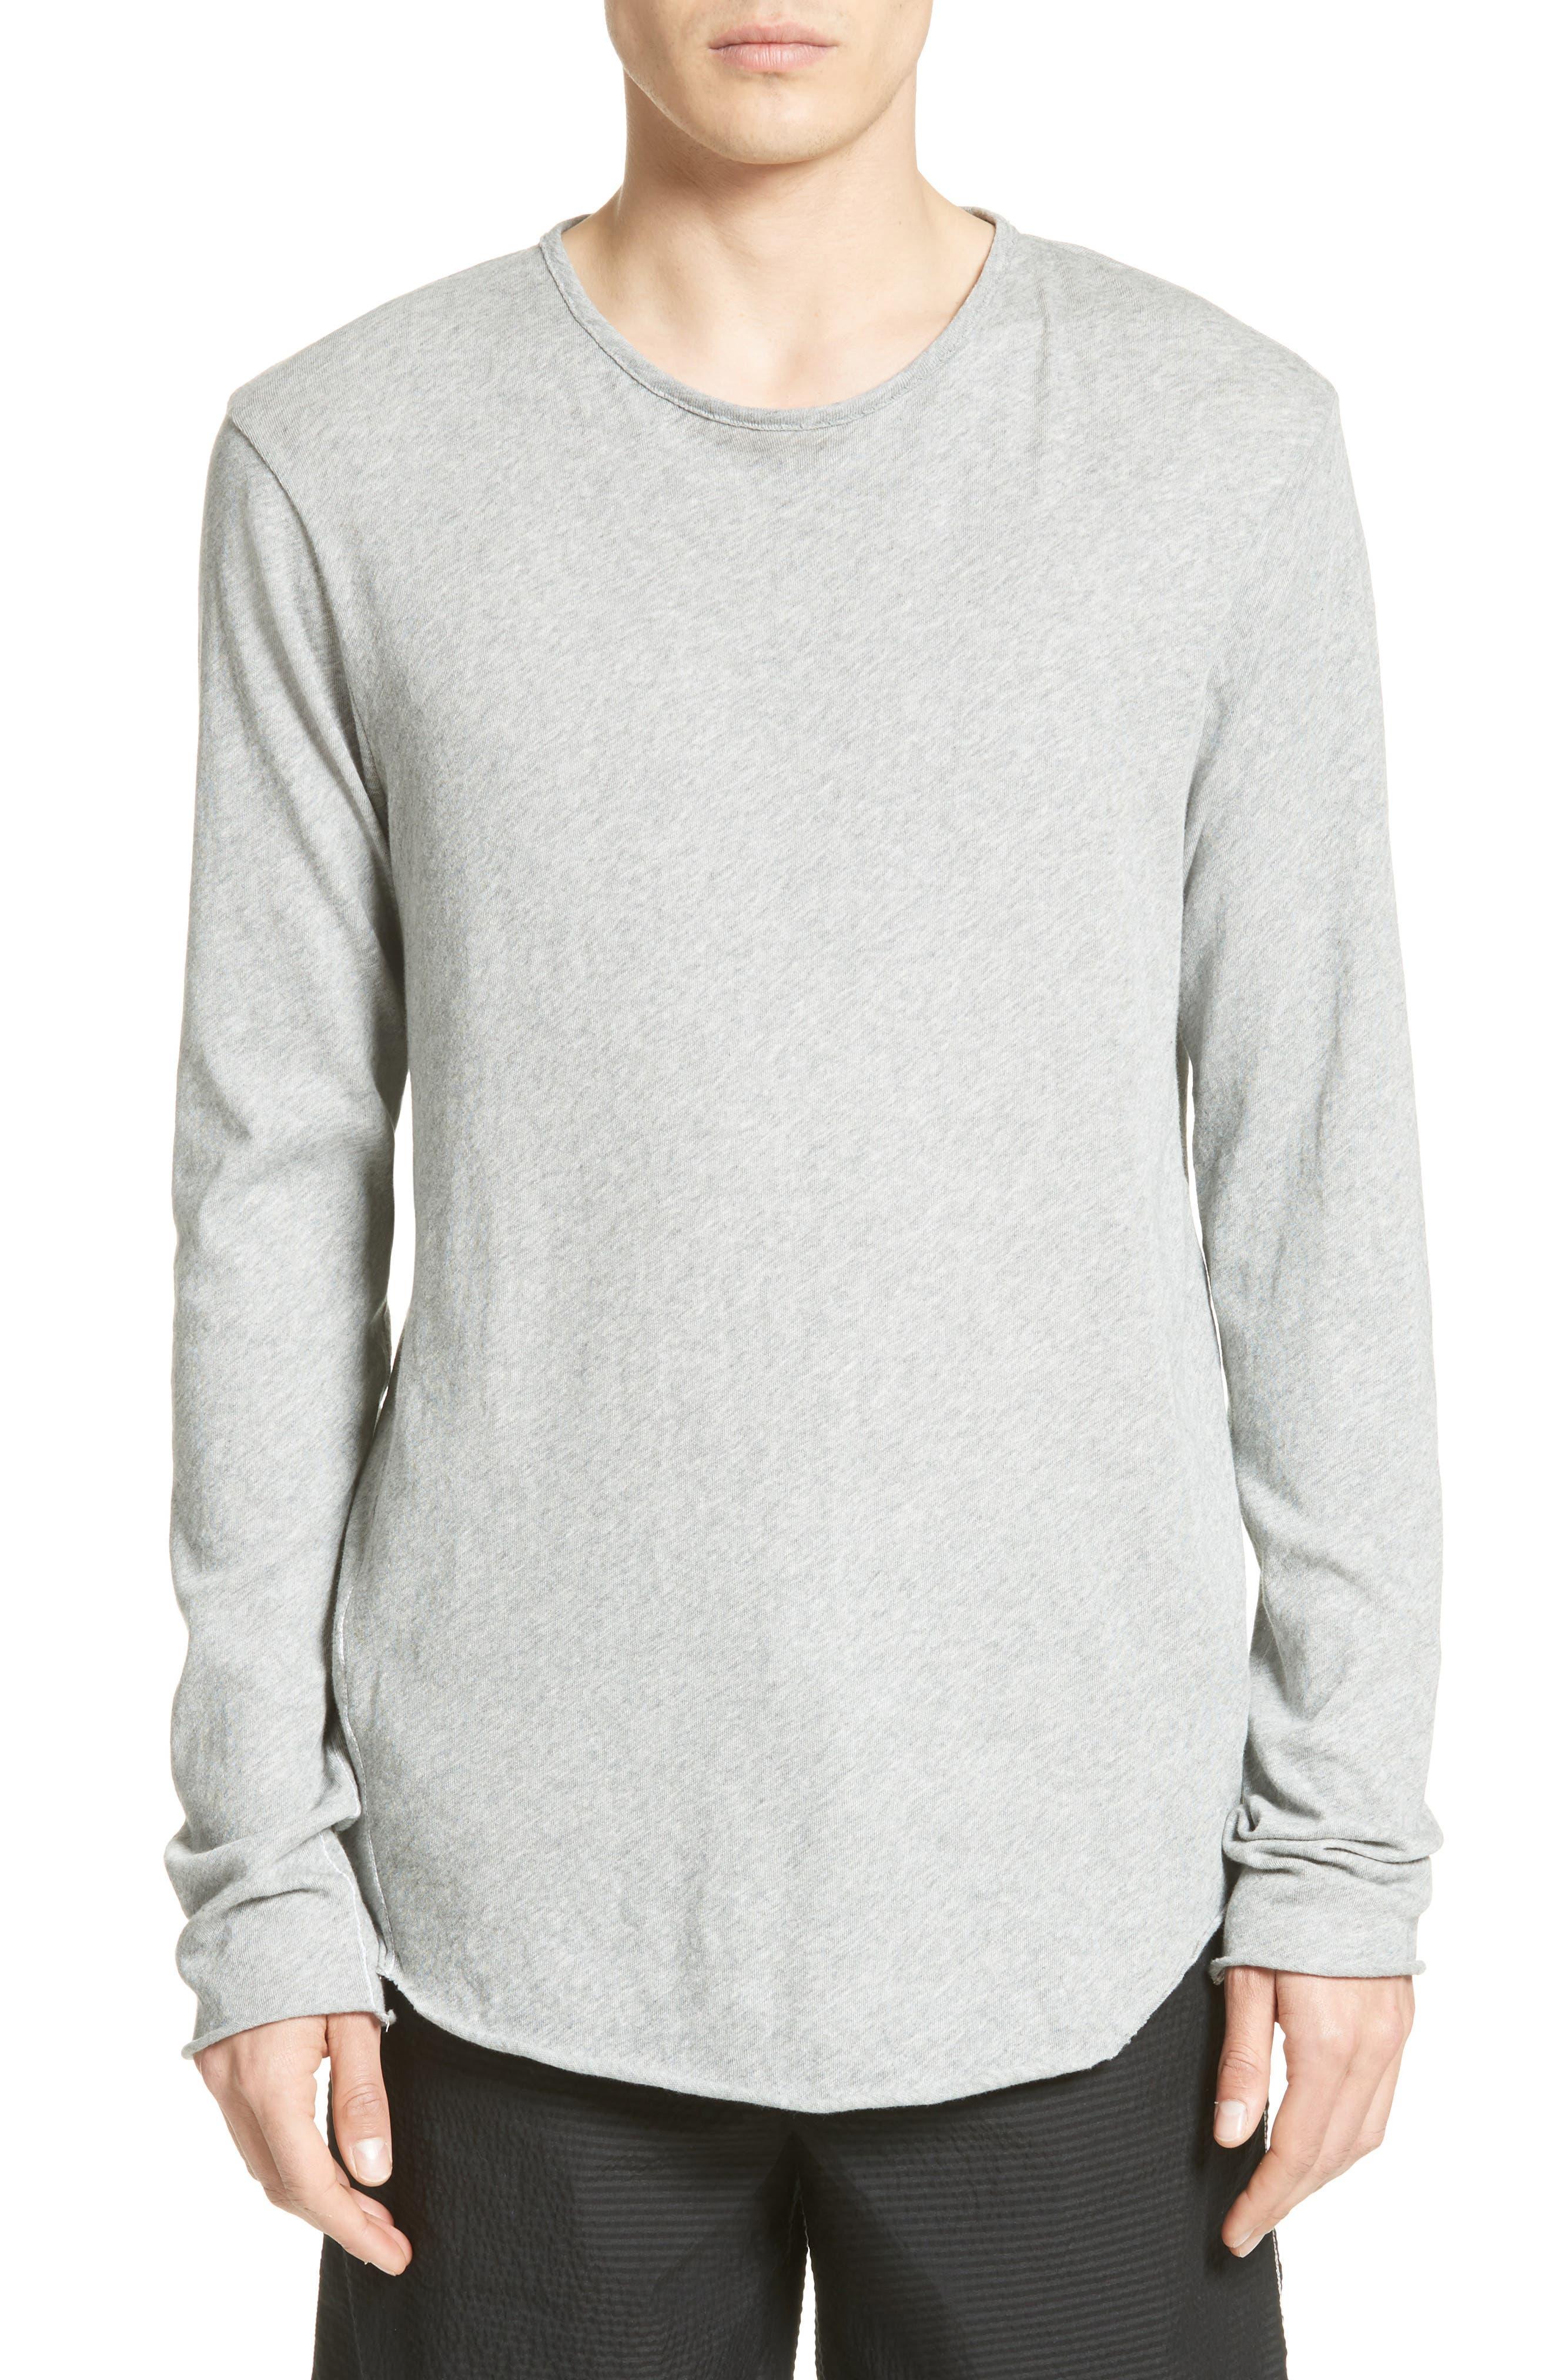 Hartley Cotton & Linen T-Shirt,                         Main,                         color, 034